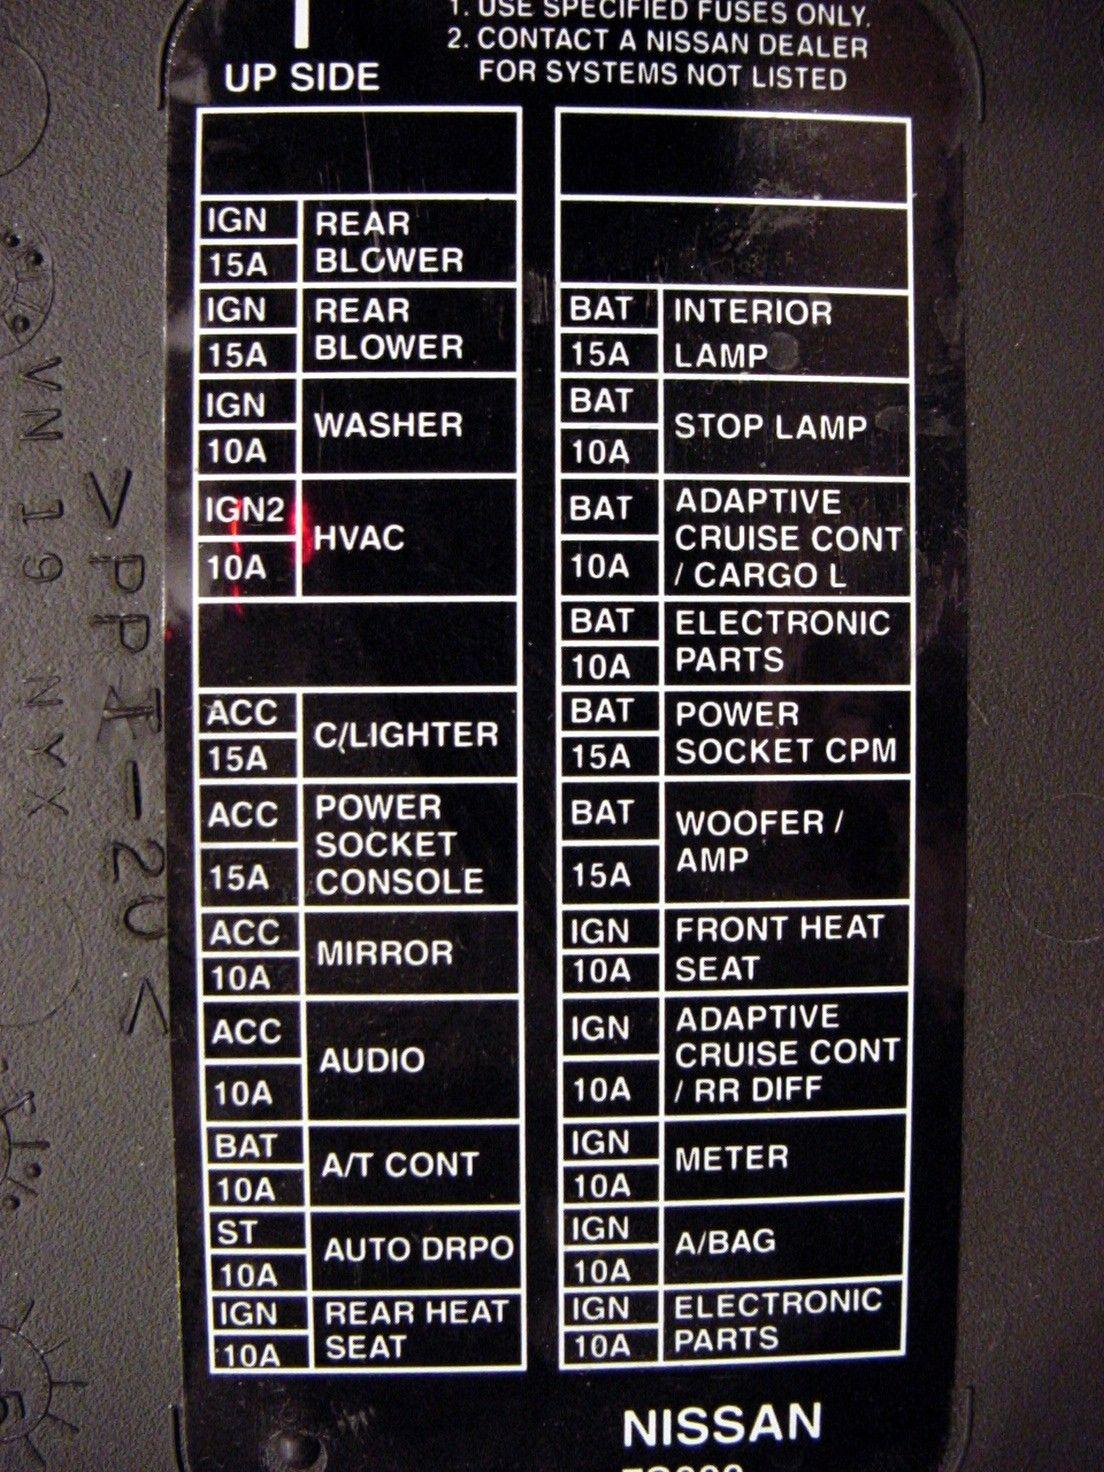 2004 nissan 350z bose wiring diagram wiring diagram, wiring, 350z bose subwoofer wiring diagram